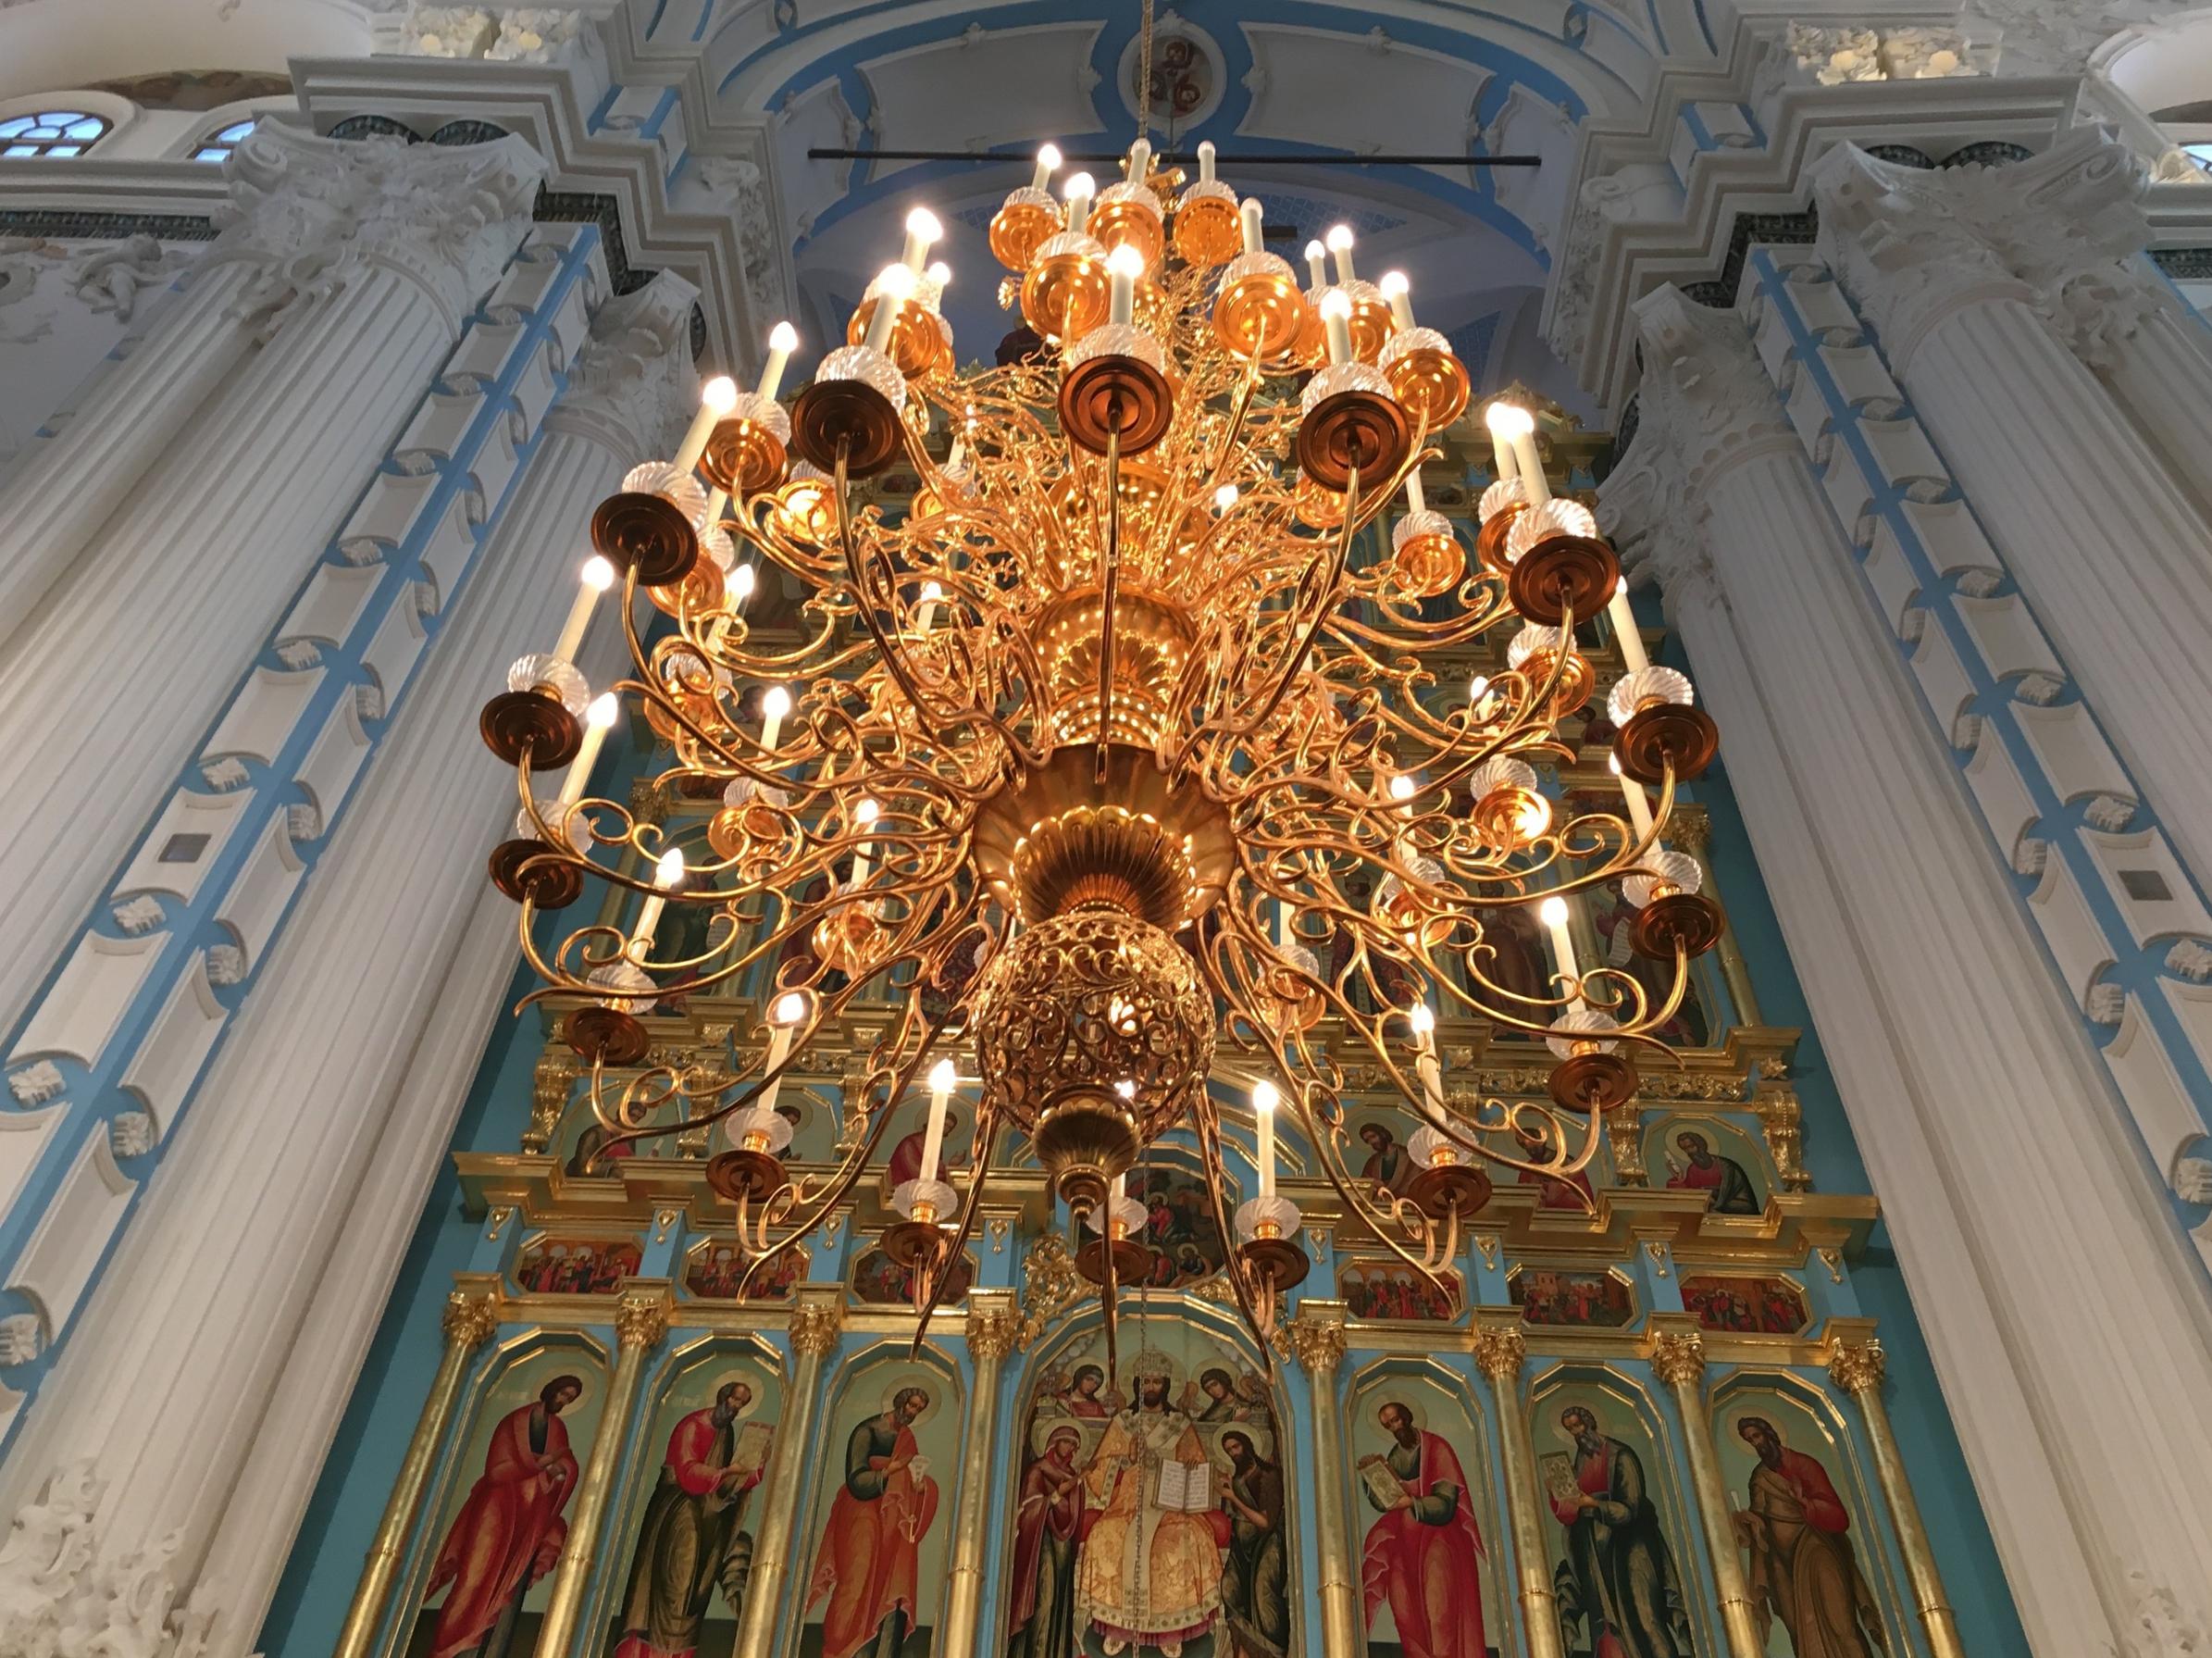 モスクワの教会にて撮影した大きなシャンデリア。日本の文化はもちろん、他の文化も美しいものですね。